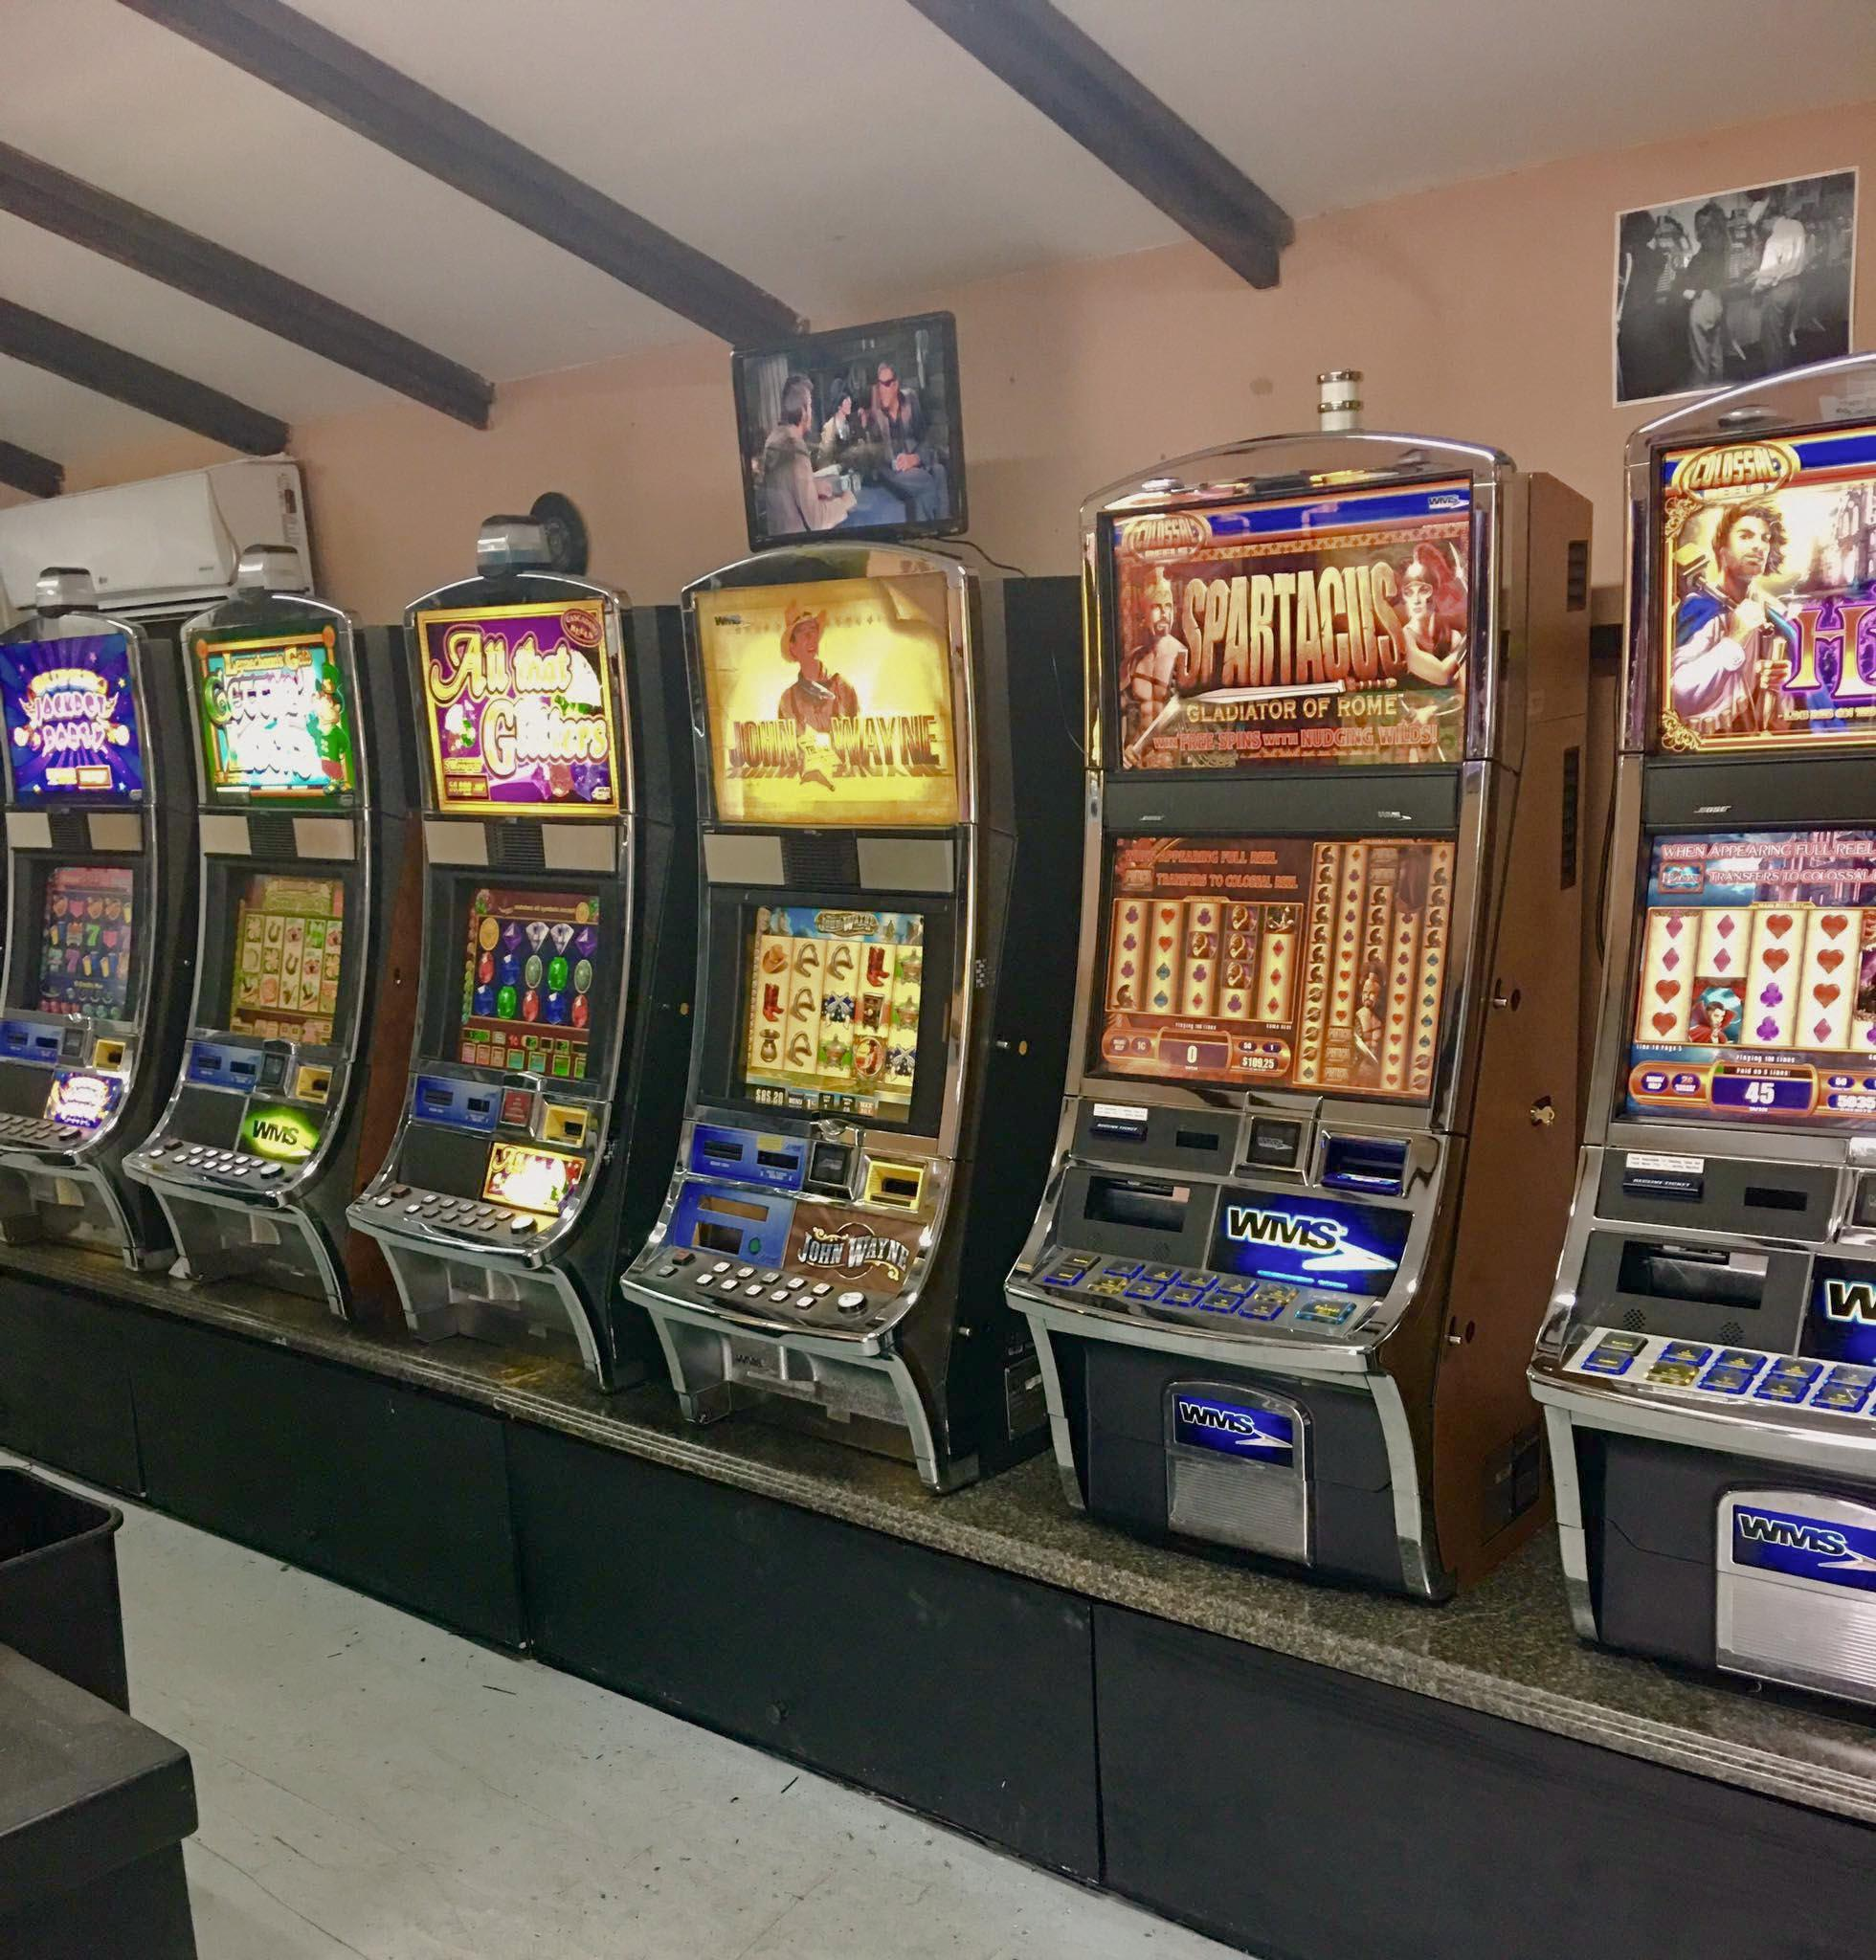 Westfield Slots image 6